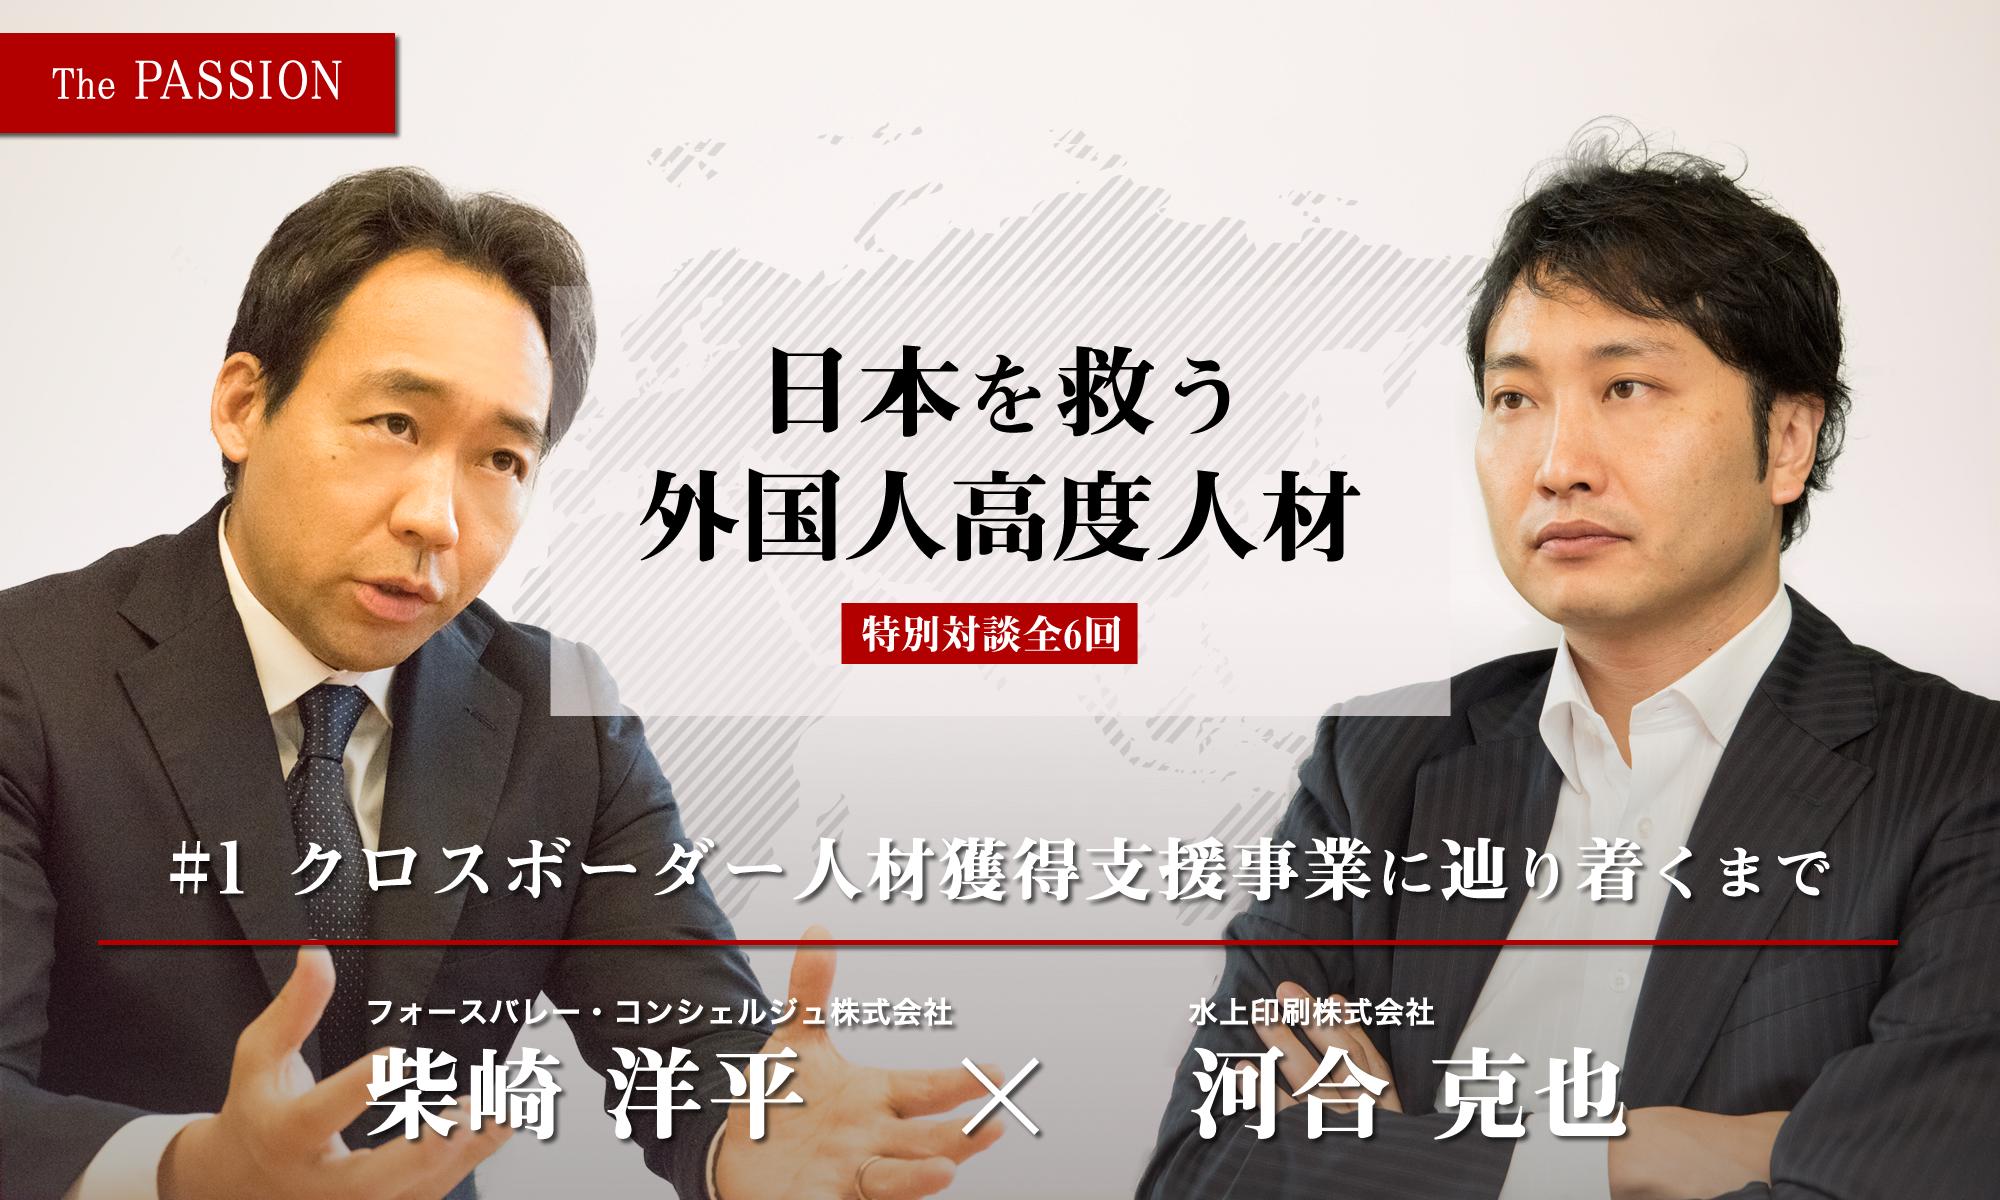 日本を救う外国人高度人材採用!#1「クロスボーダー人材獲得支援事業に辿り着くまで」